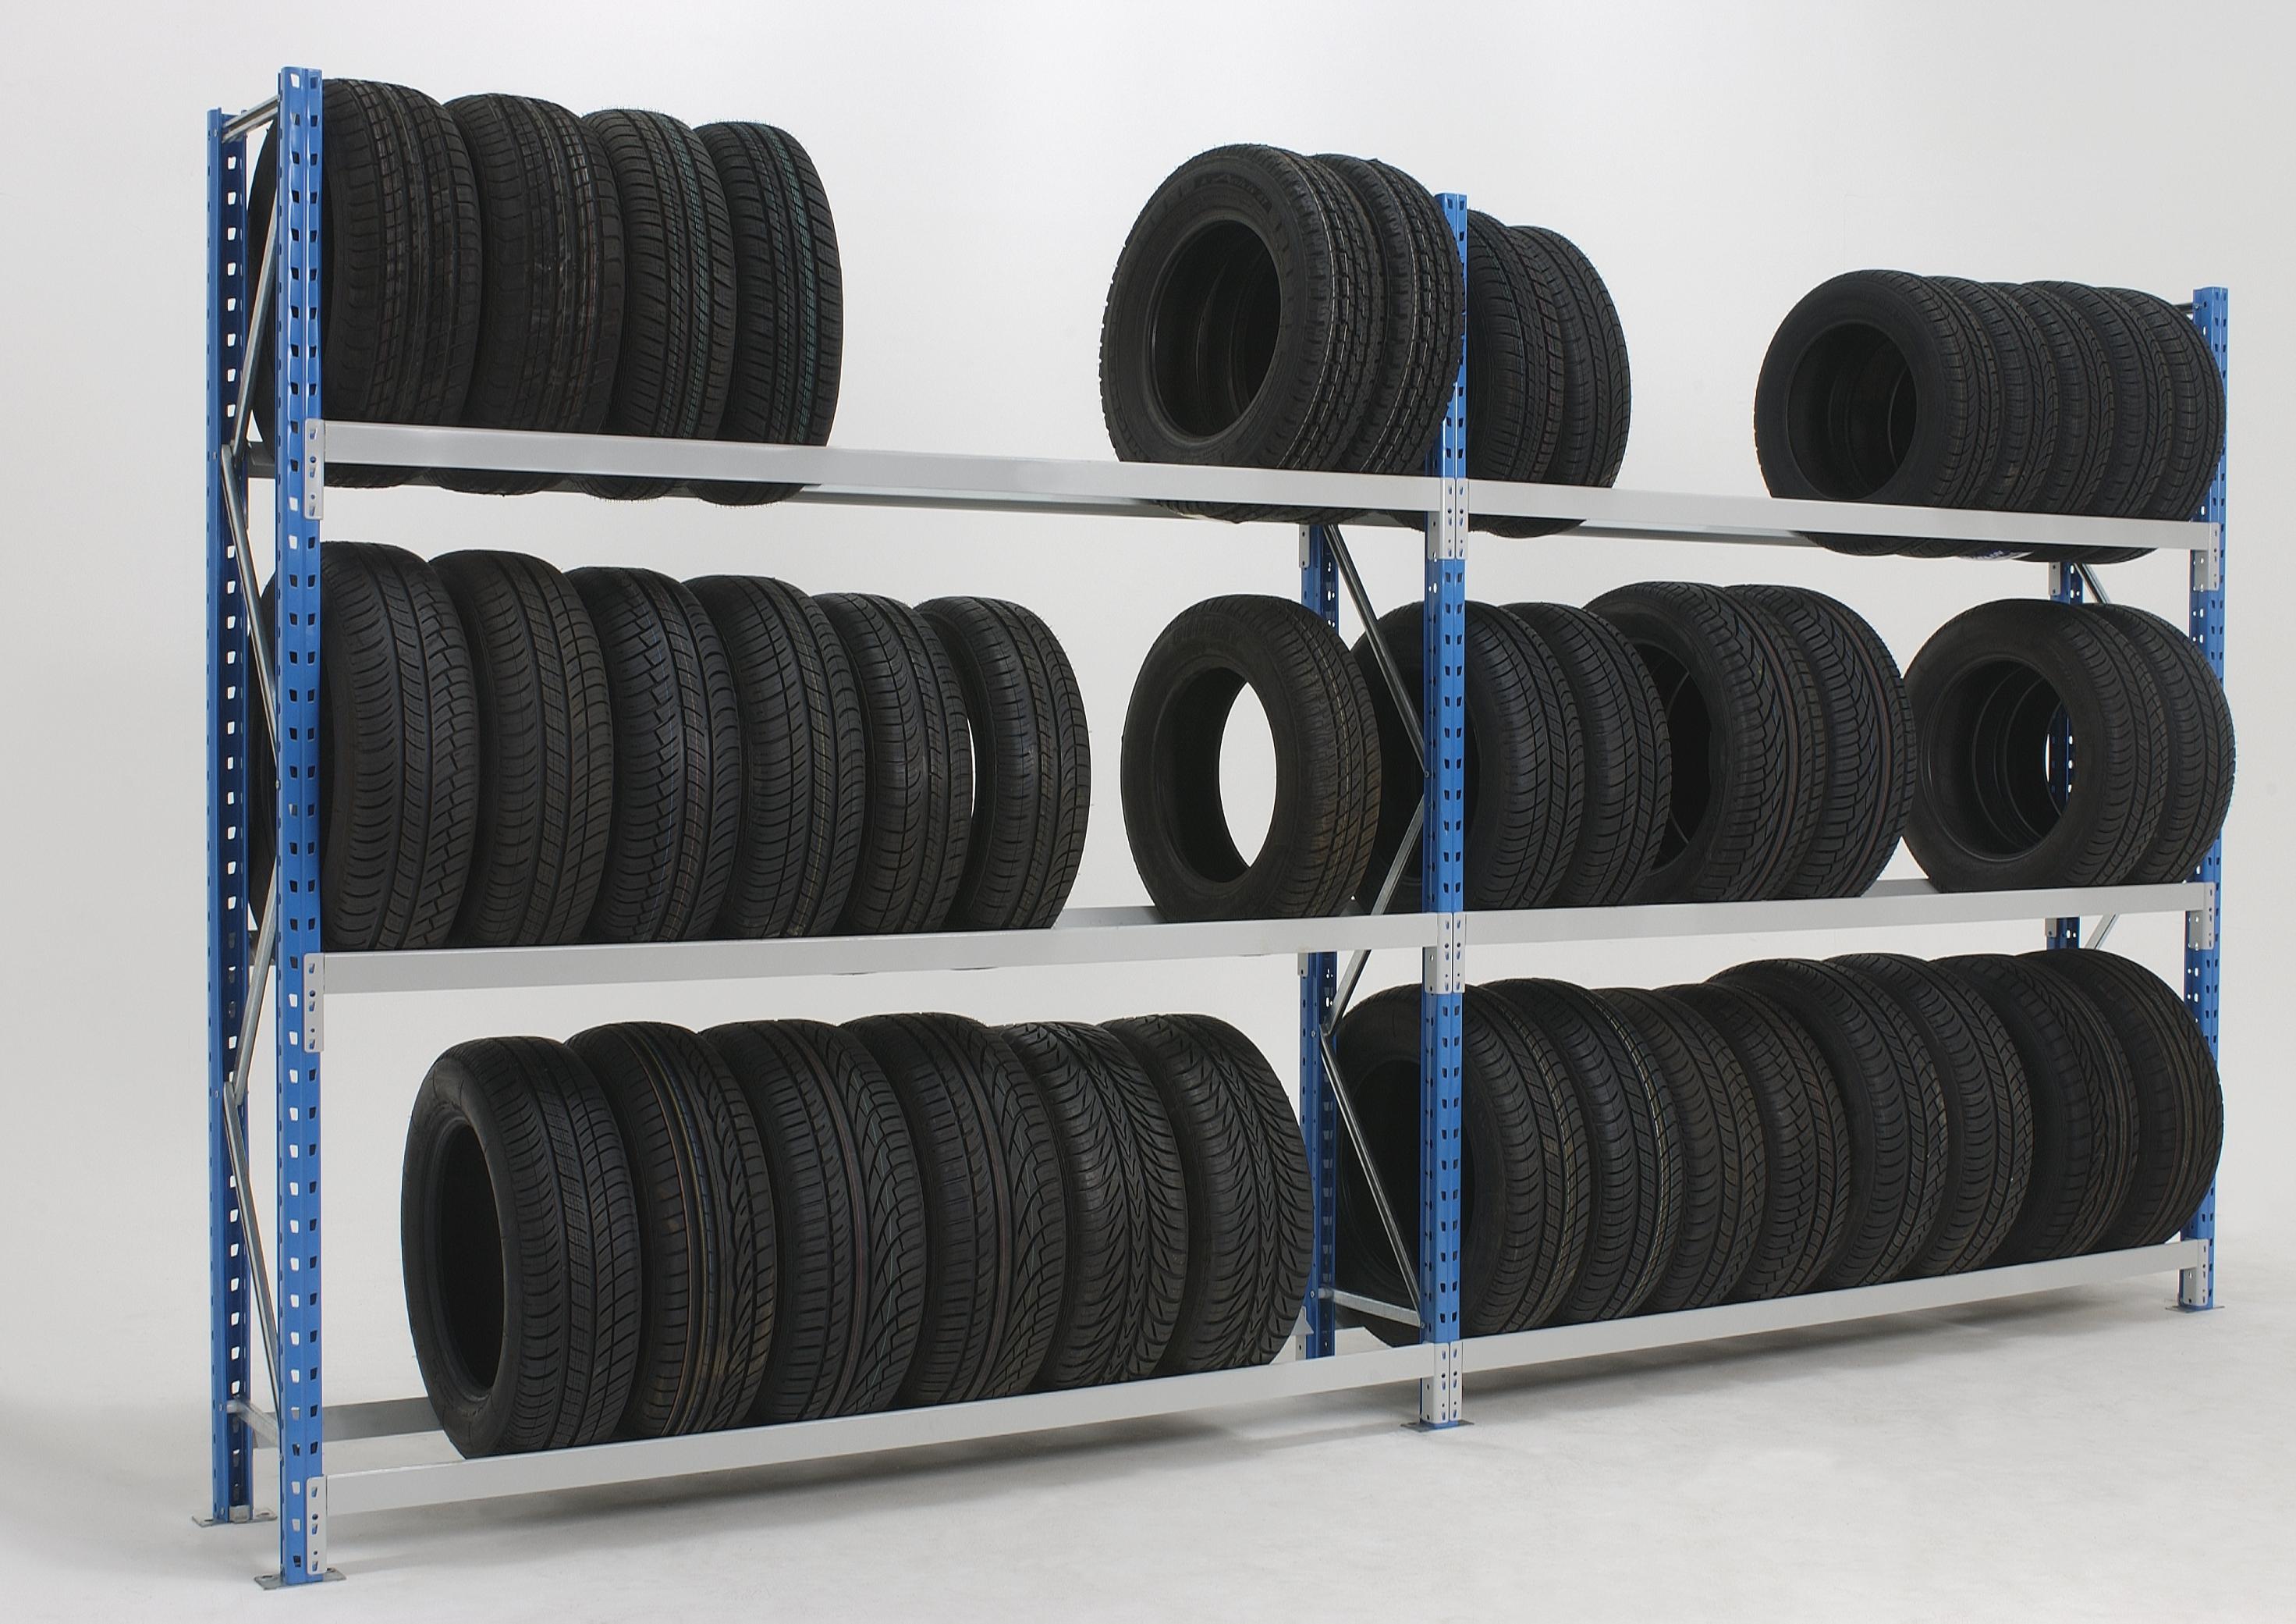 Bandenrekken continental rack for Achat pneu internet montage garage